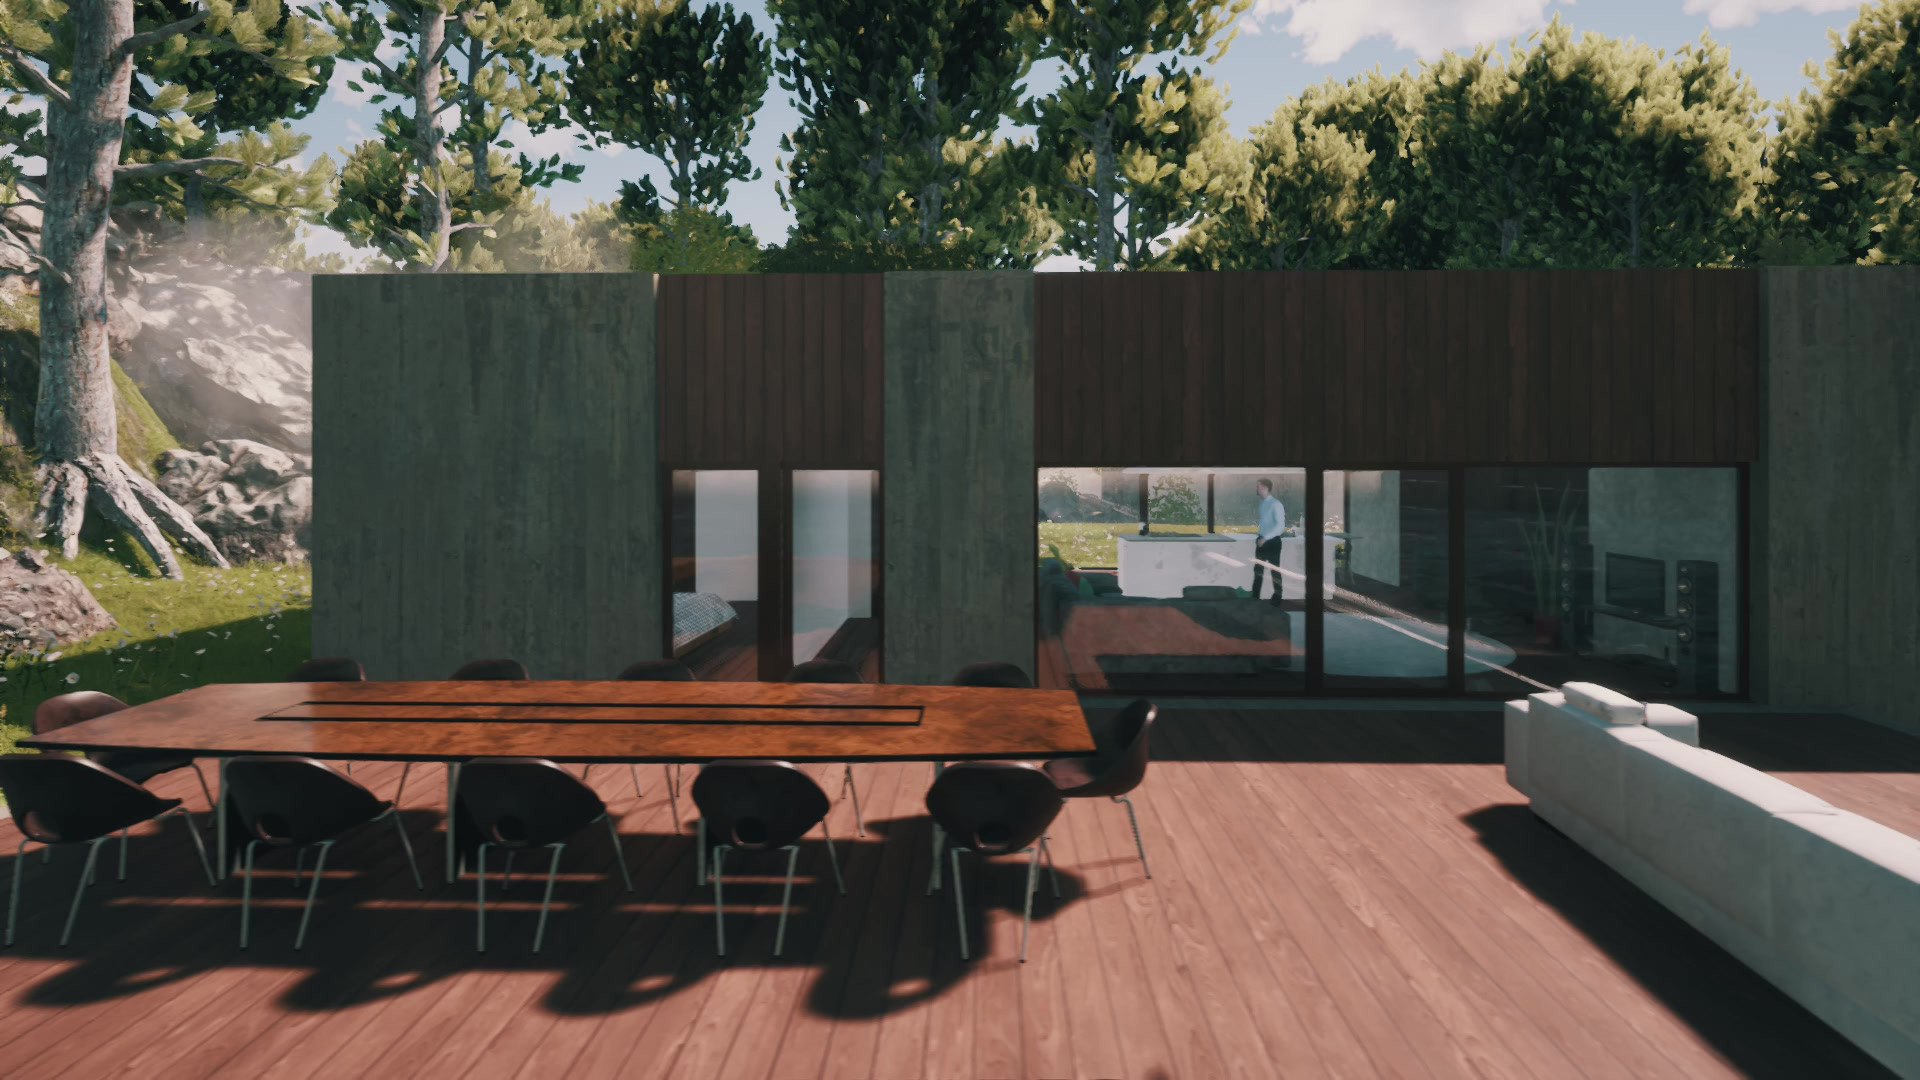 3D_Habitação_SC_RASA_Arquitetos_05.mp4